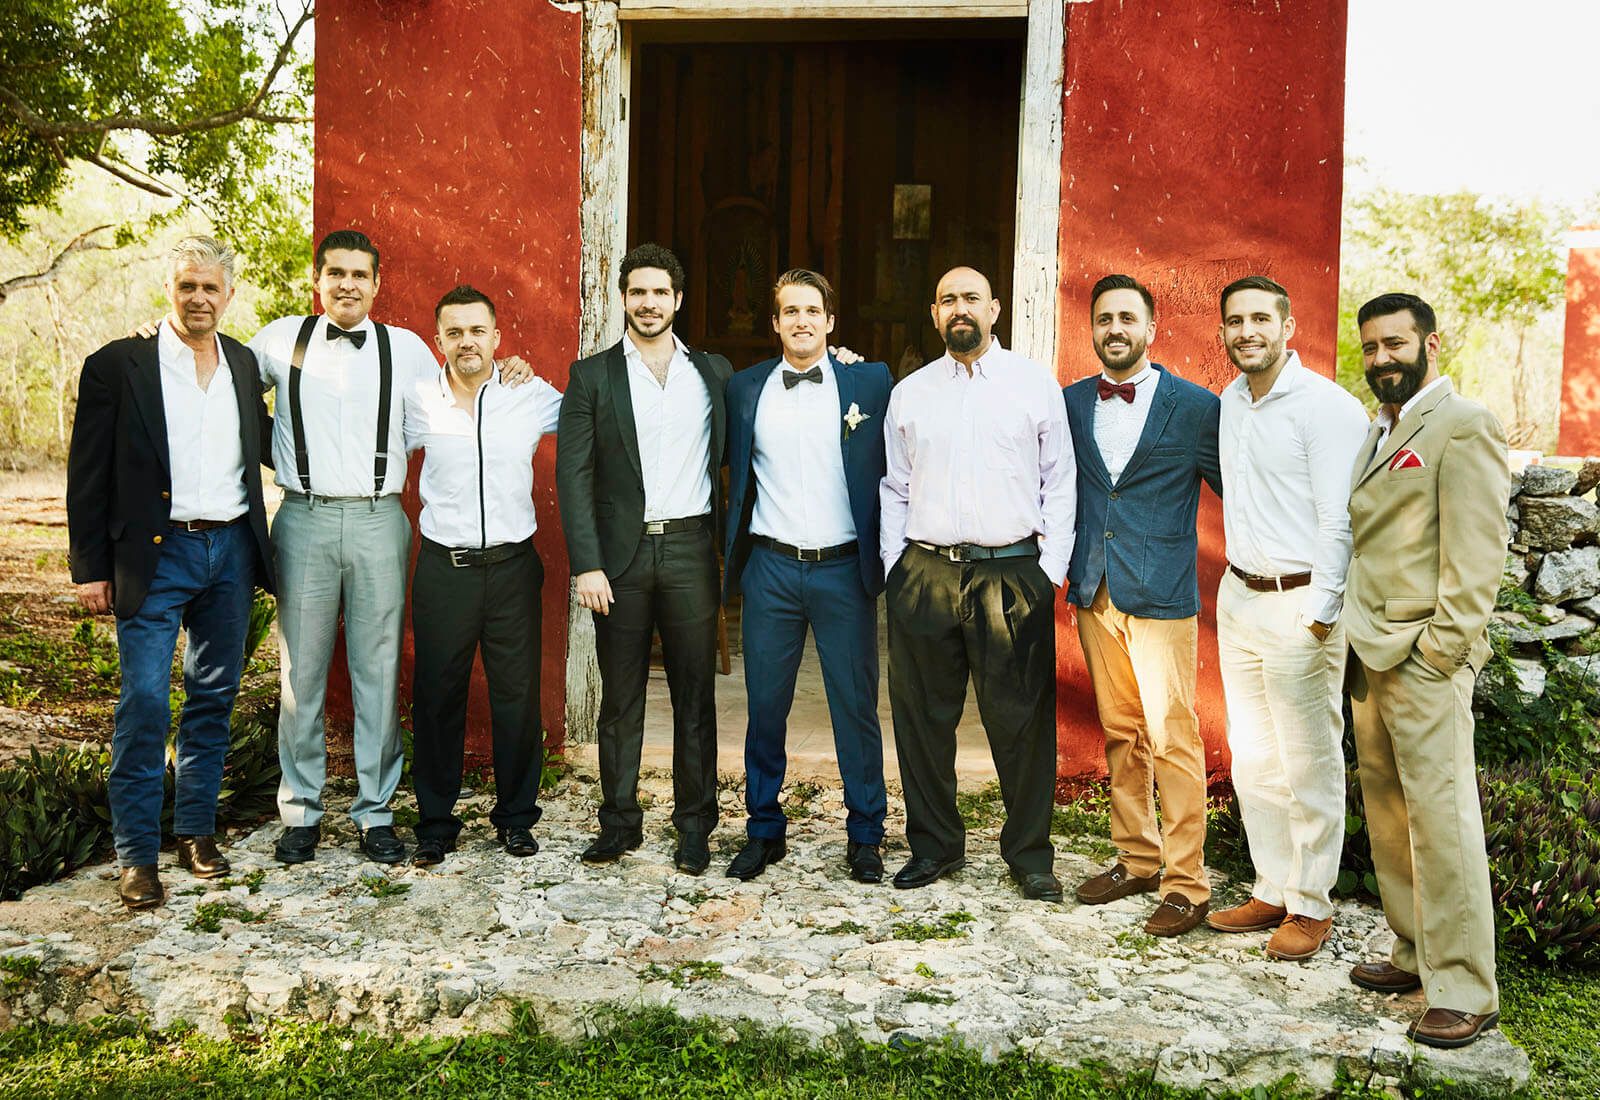 hombres-invitados-boda.jpg